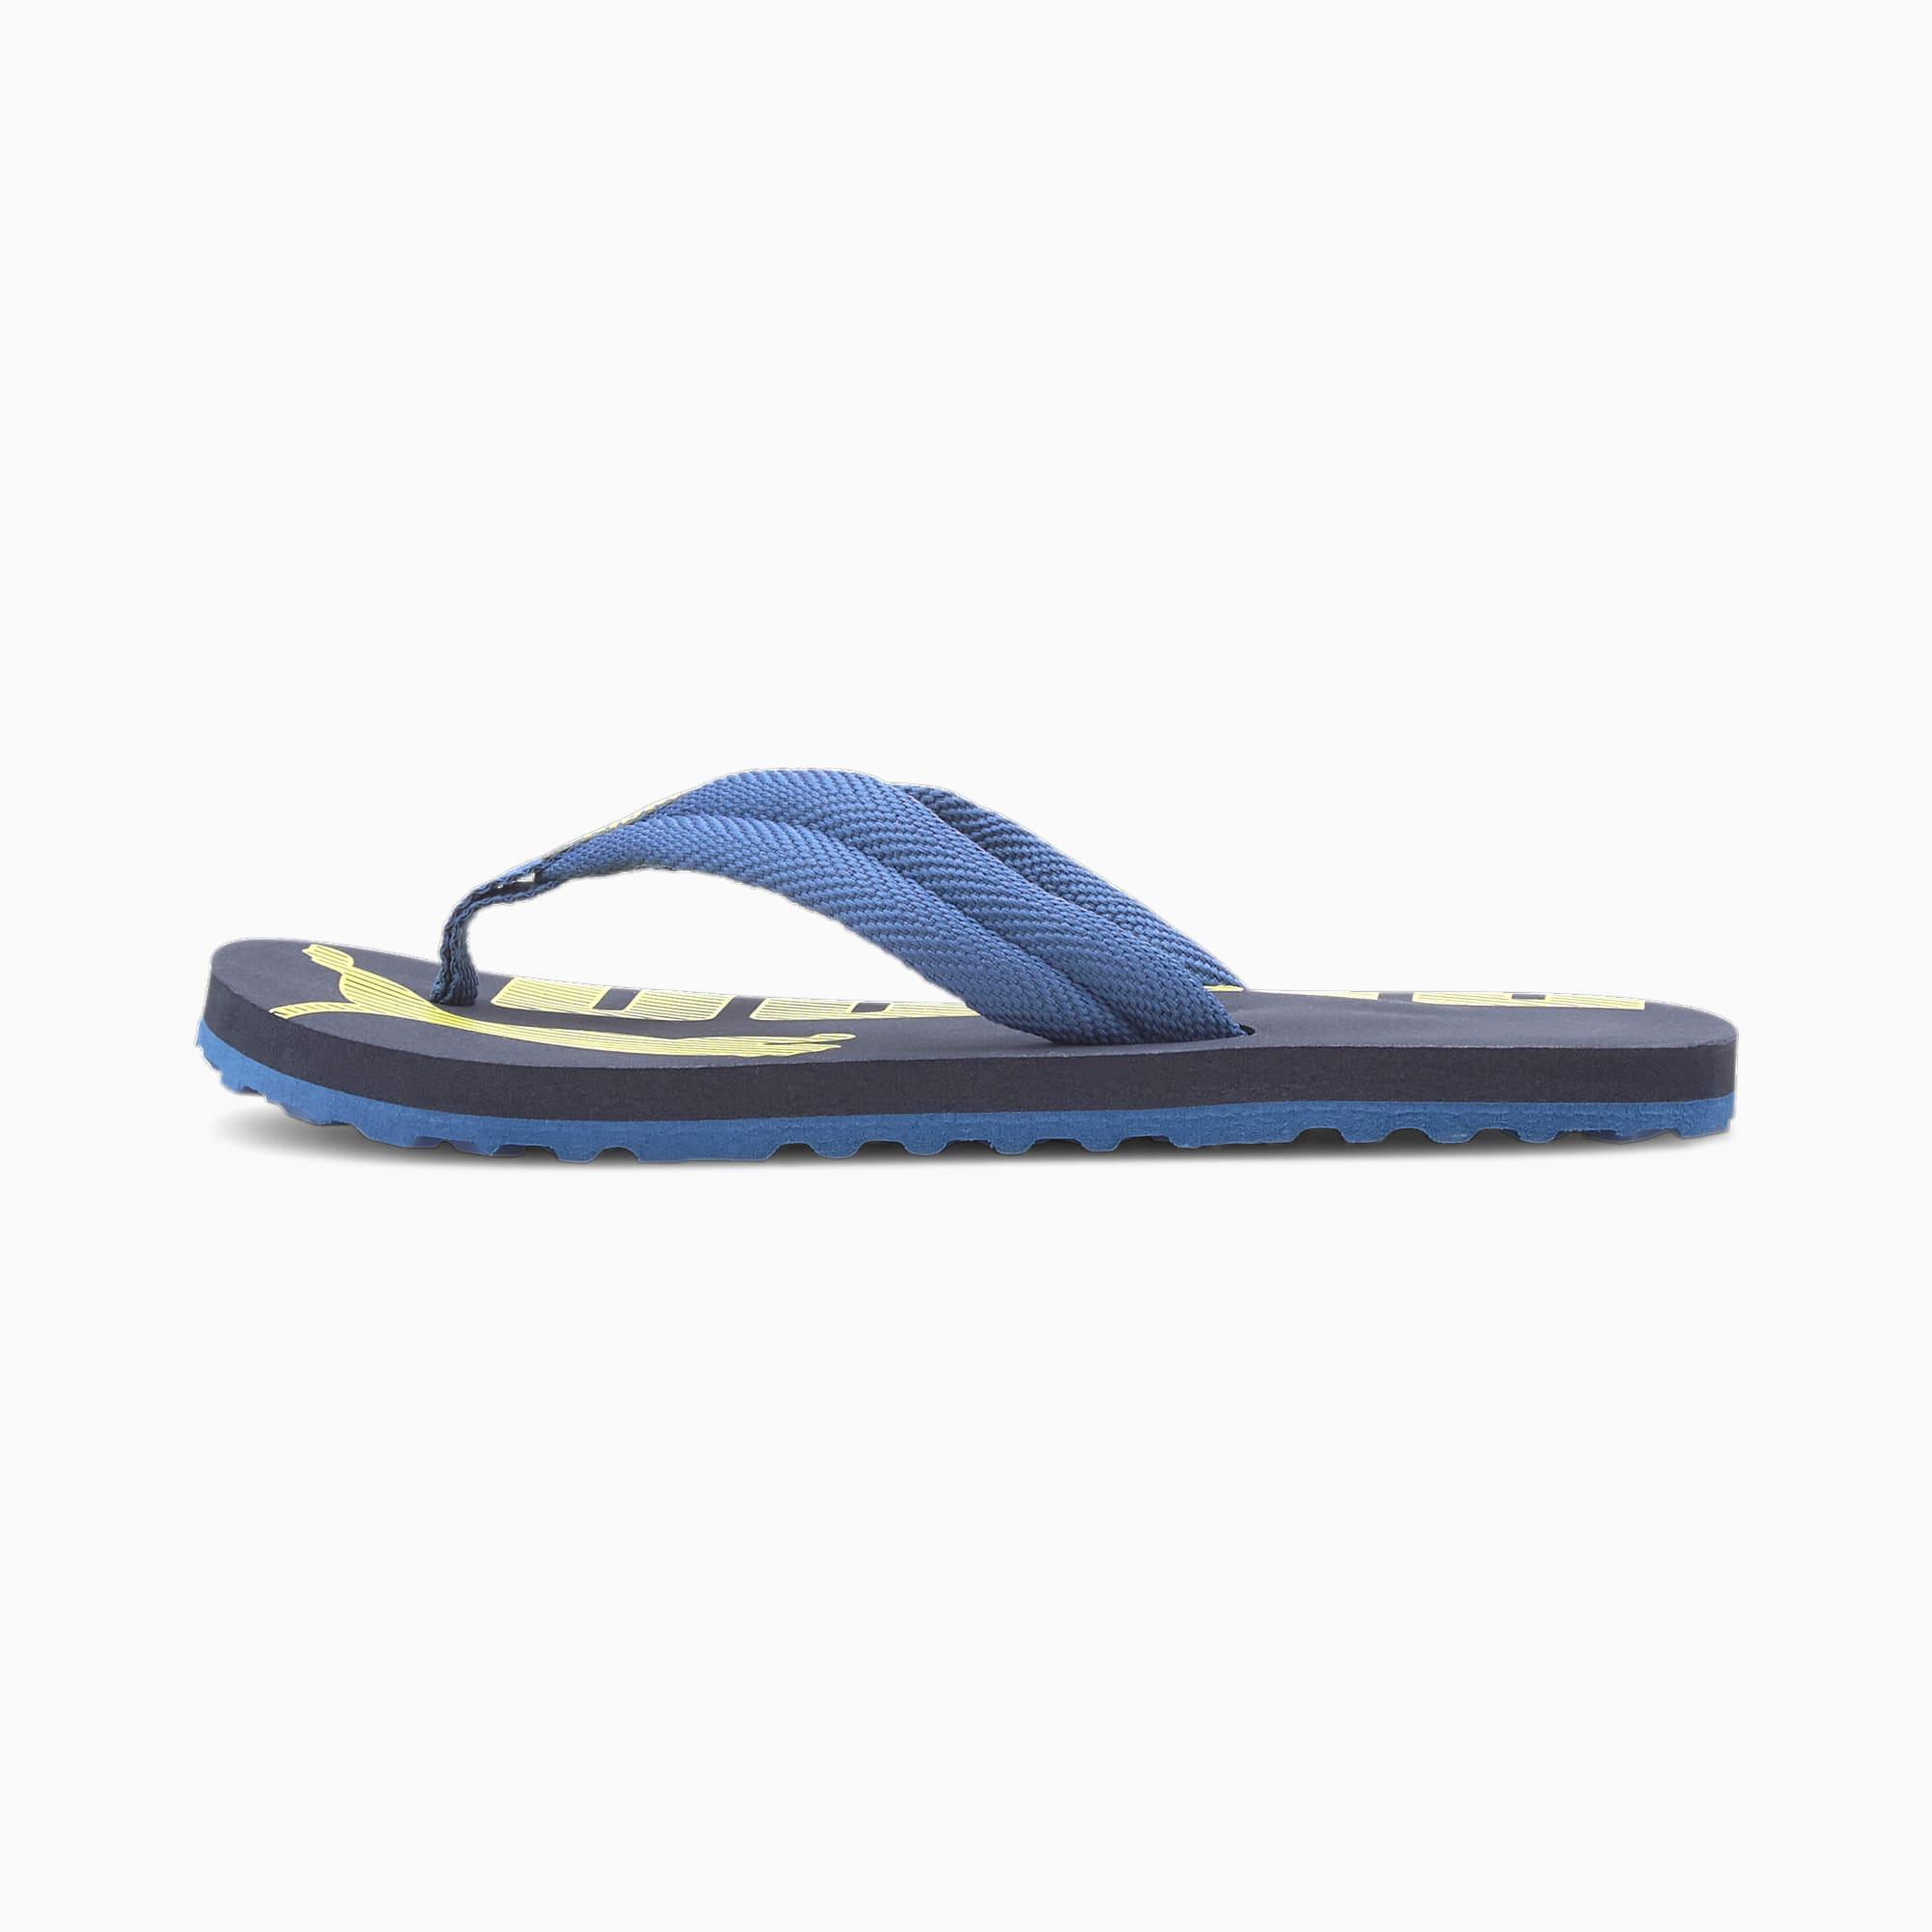 PUMA Chaussure Epic Flip v2 Preschool pour enfants, Bleu, Taille 34.5, Chaussures